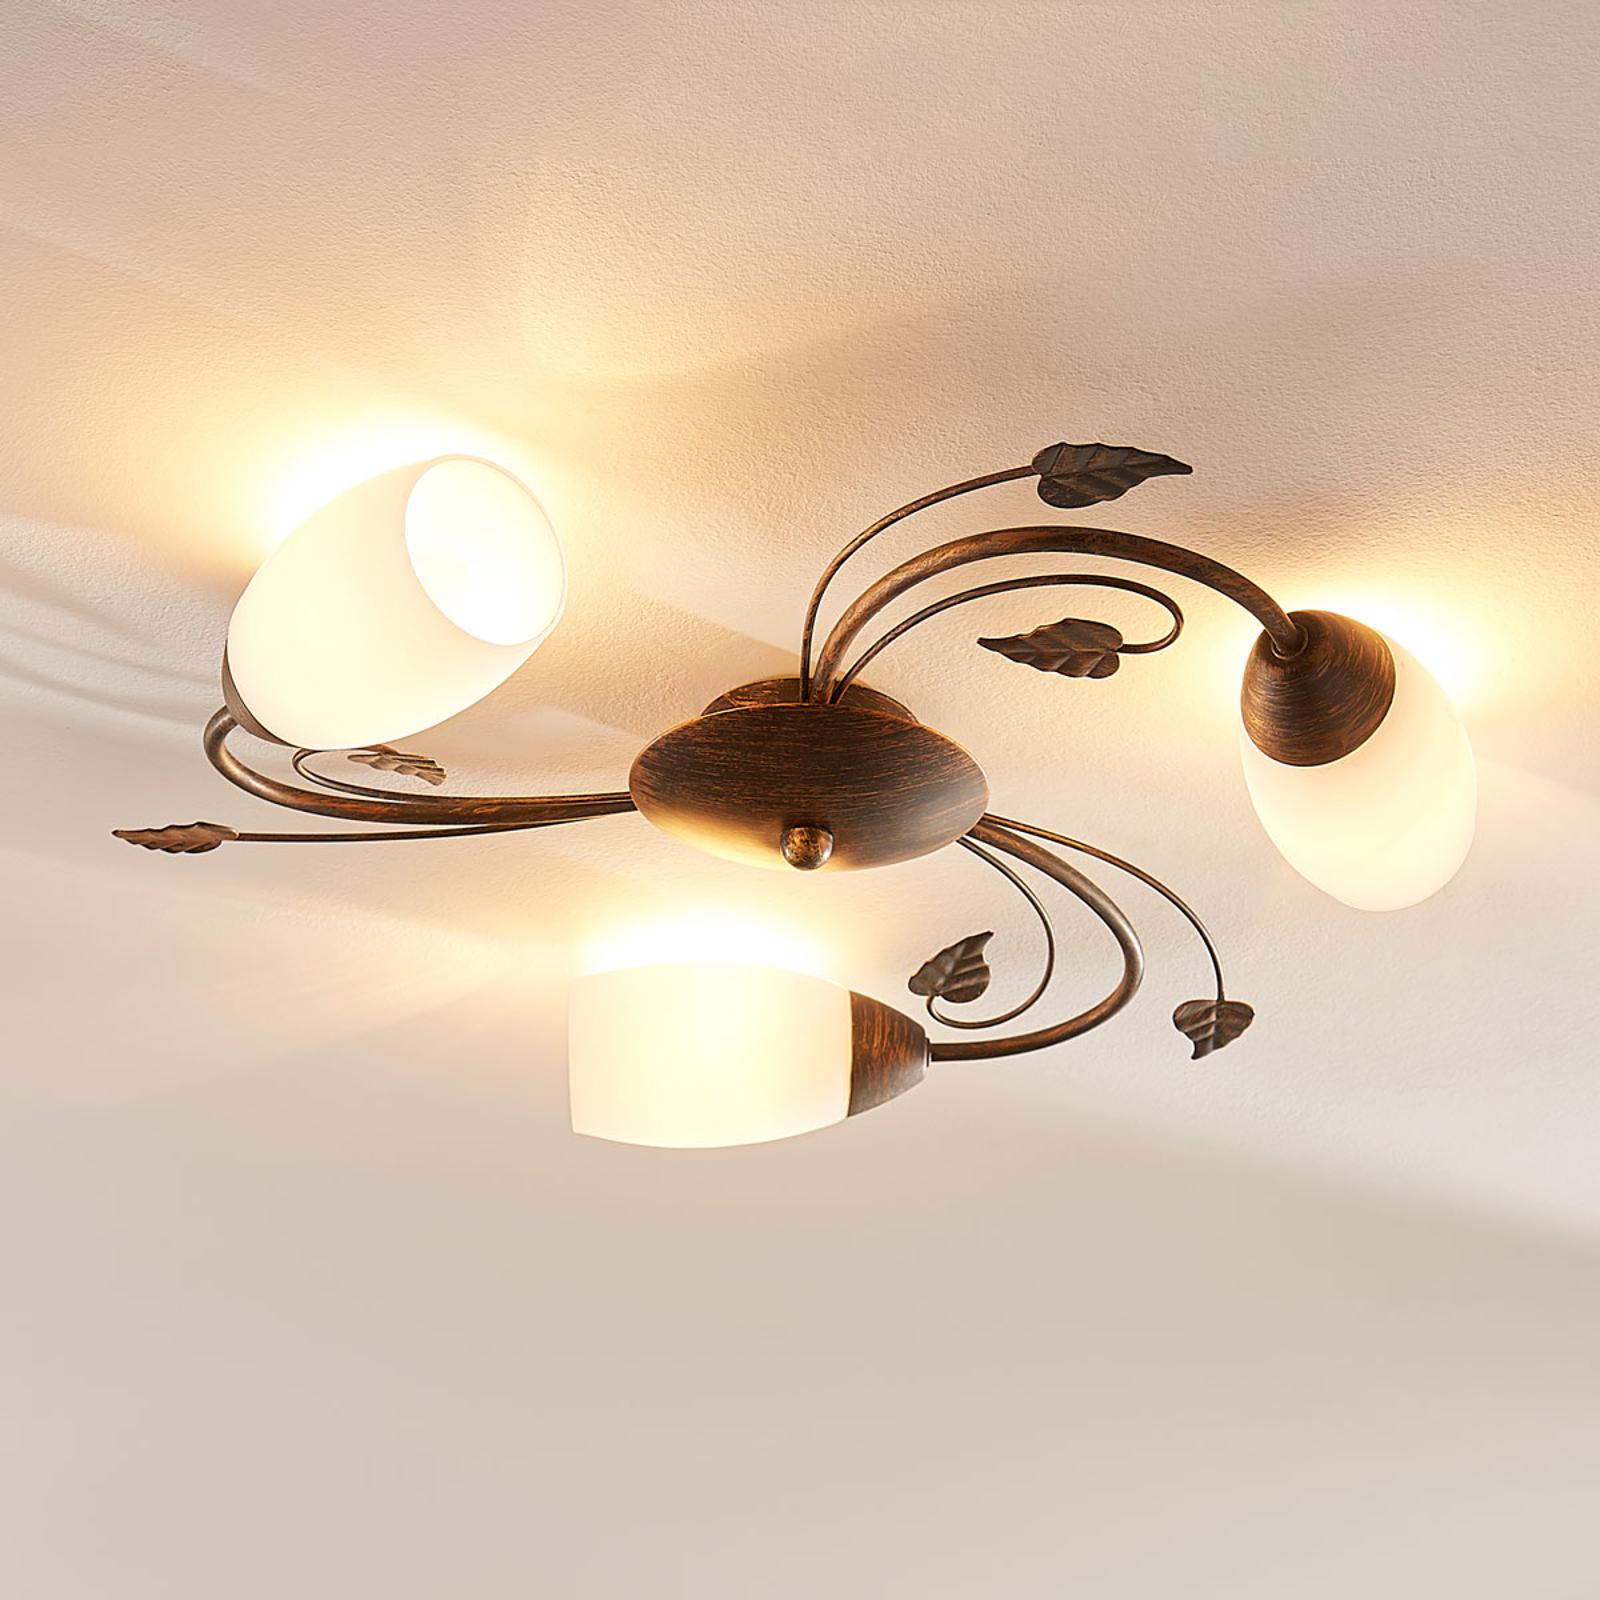 Lámpara LED techo Stefania con 3 bombillas